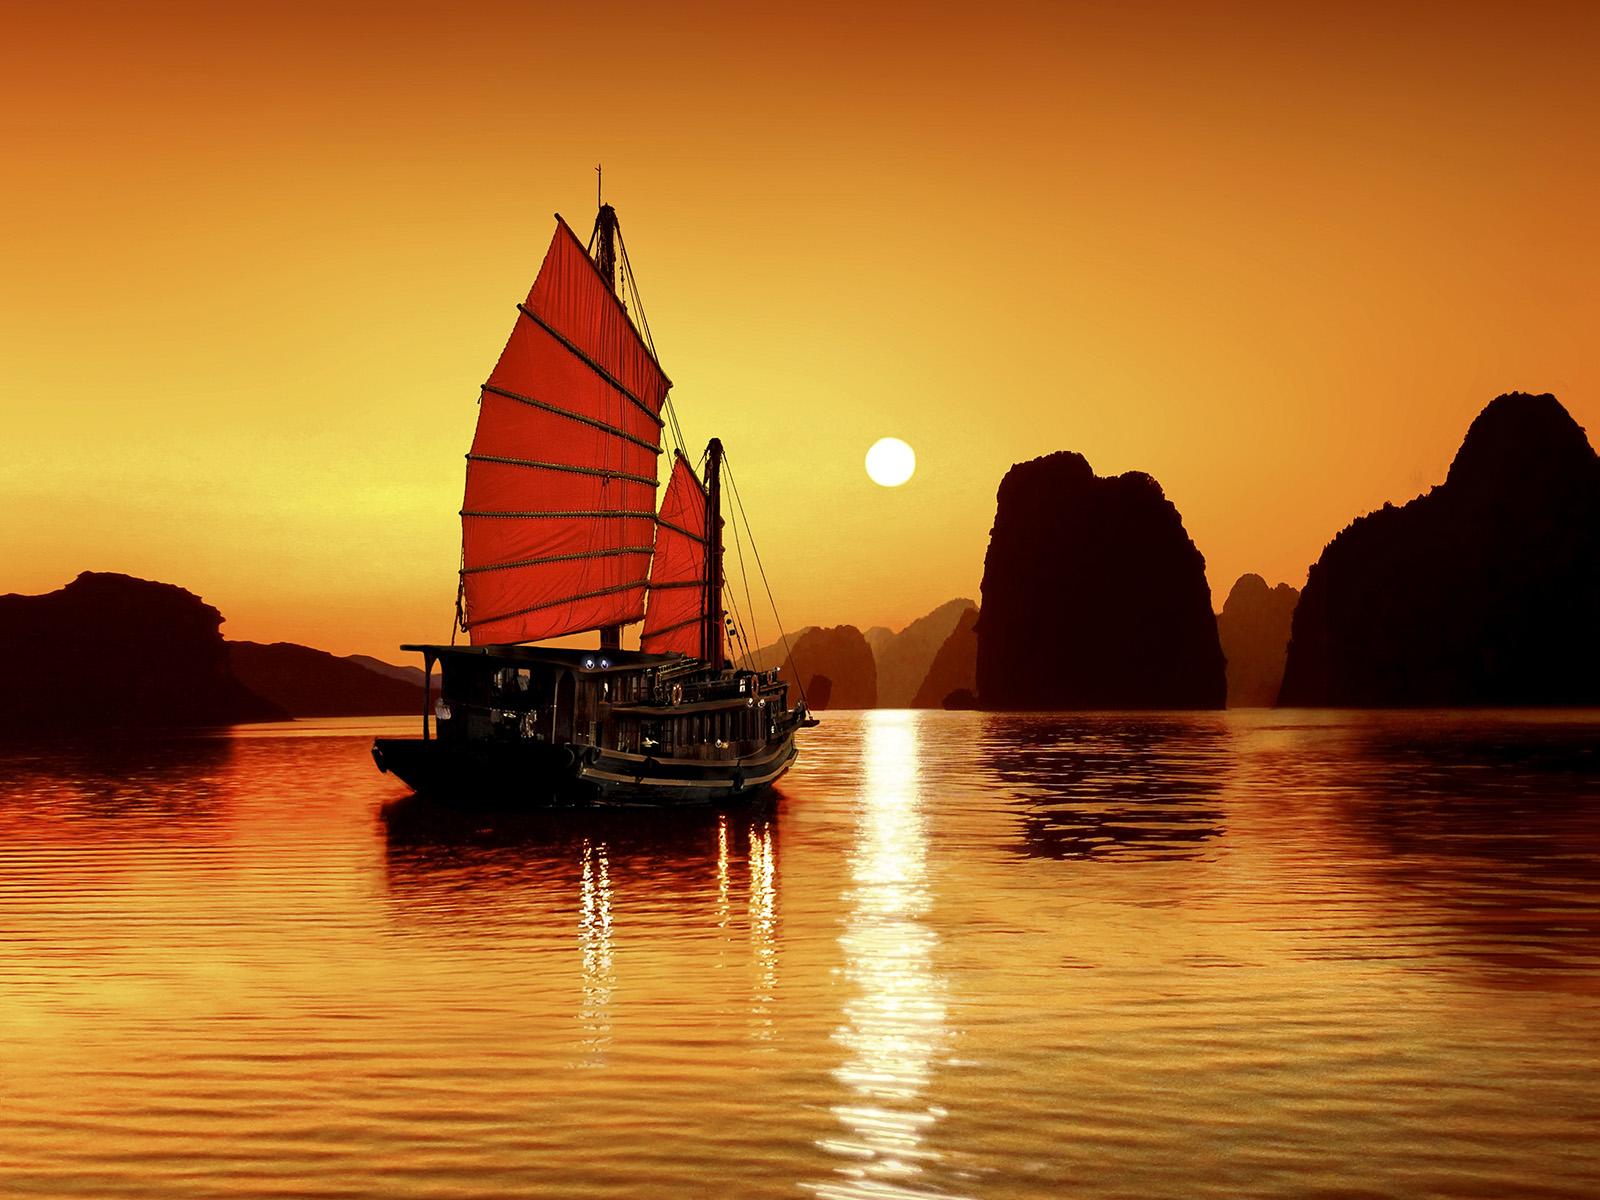 """Tour du lịch ha long - Giá trị lịch sử văn hoá của vùng biển """"rồng hạ xuống"""""""